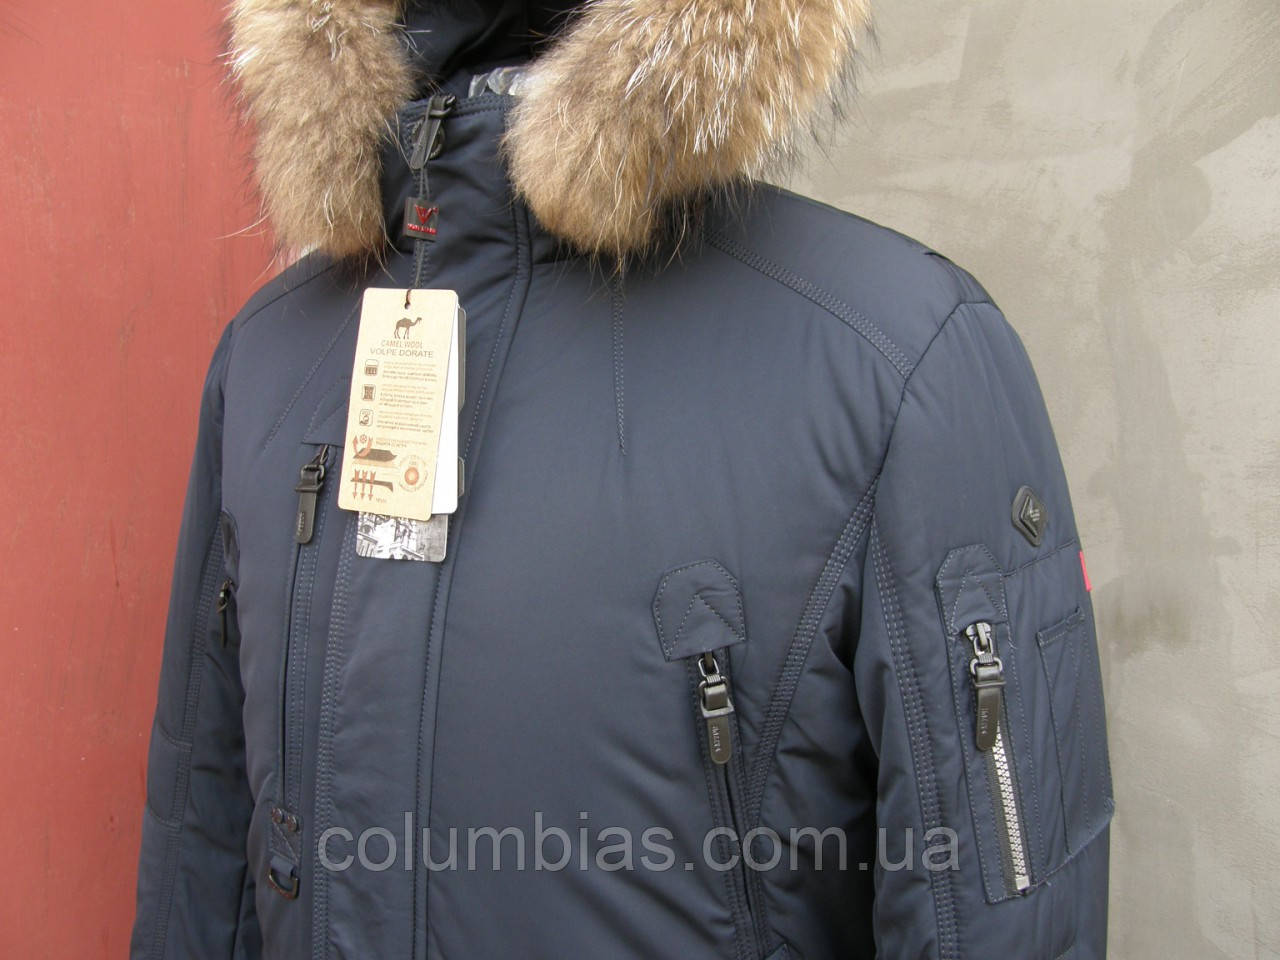 Мужская зимняя куртка на верблюжей шерсти - ВЕСЬ ТОВАР В НАЛИЧИИ. ЗВОНИТЕ В ЛЮБОЕ  ВРЕМЯ 1112ed69bbe